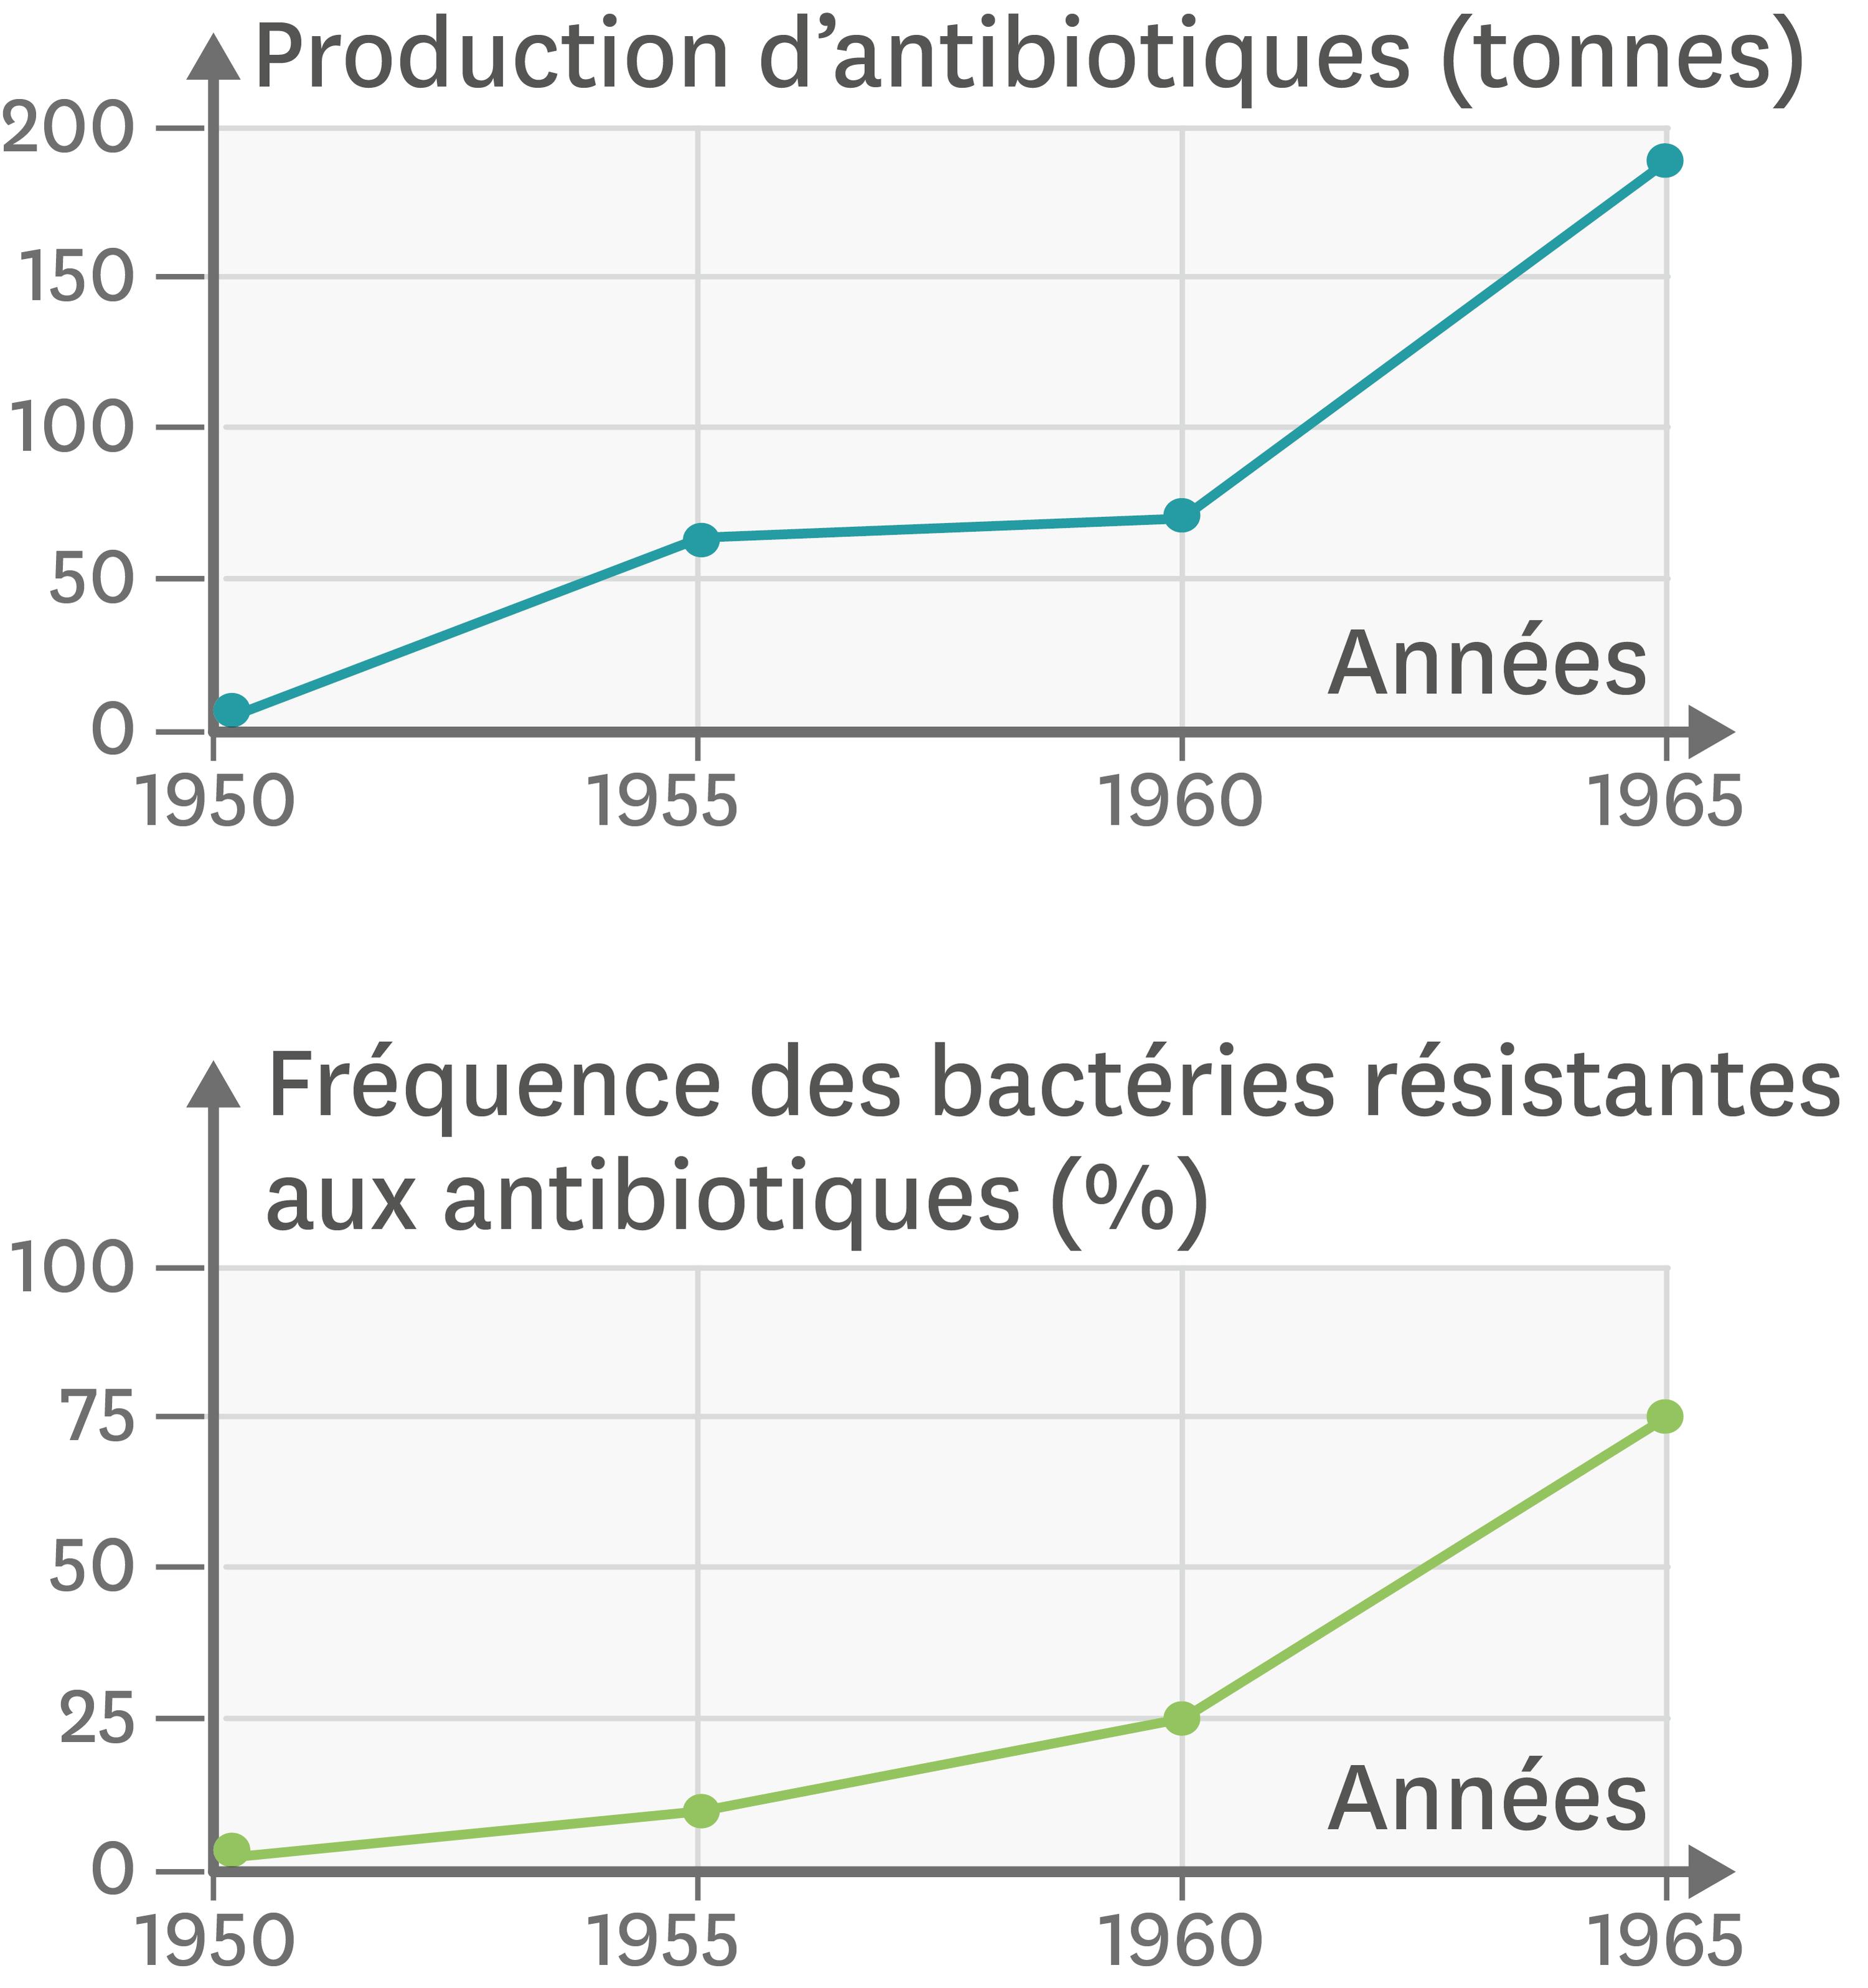 <stamp theme='svt-green1'>Doc. 1</stamp> Les antibiotiques et la multirésistance des bactéries au Japon depuis 1950.